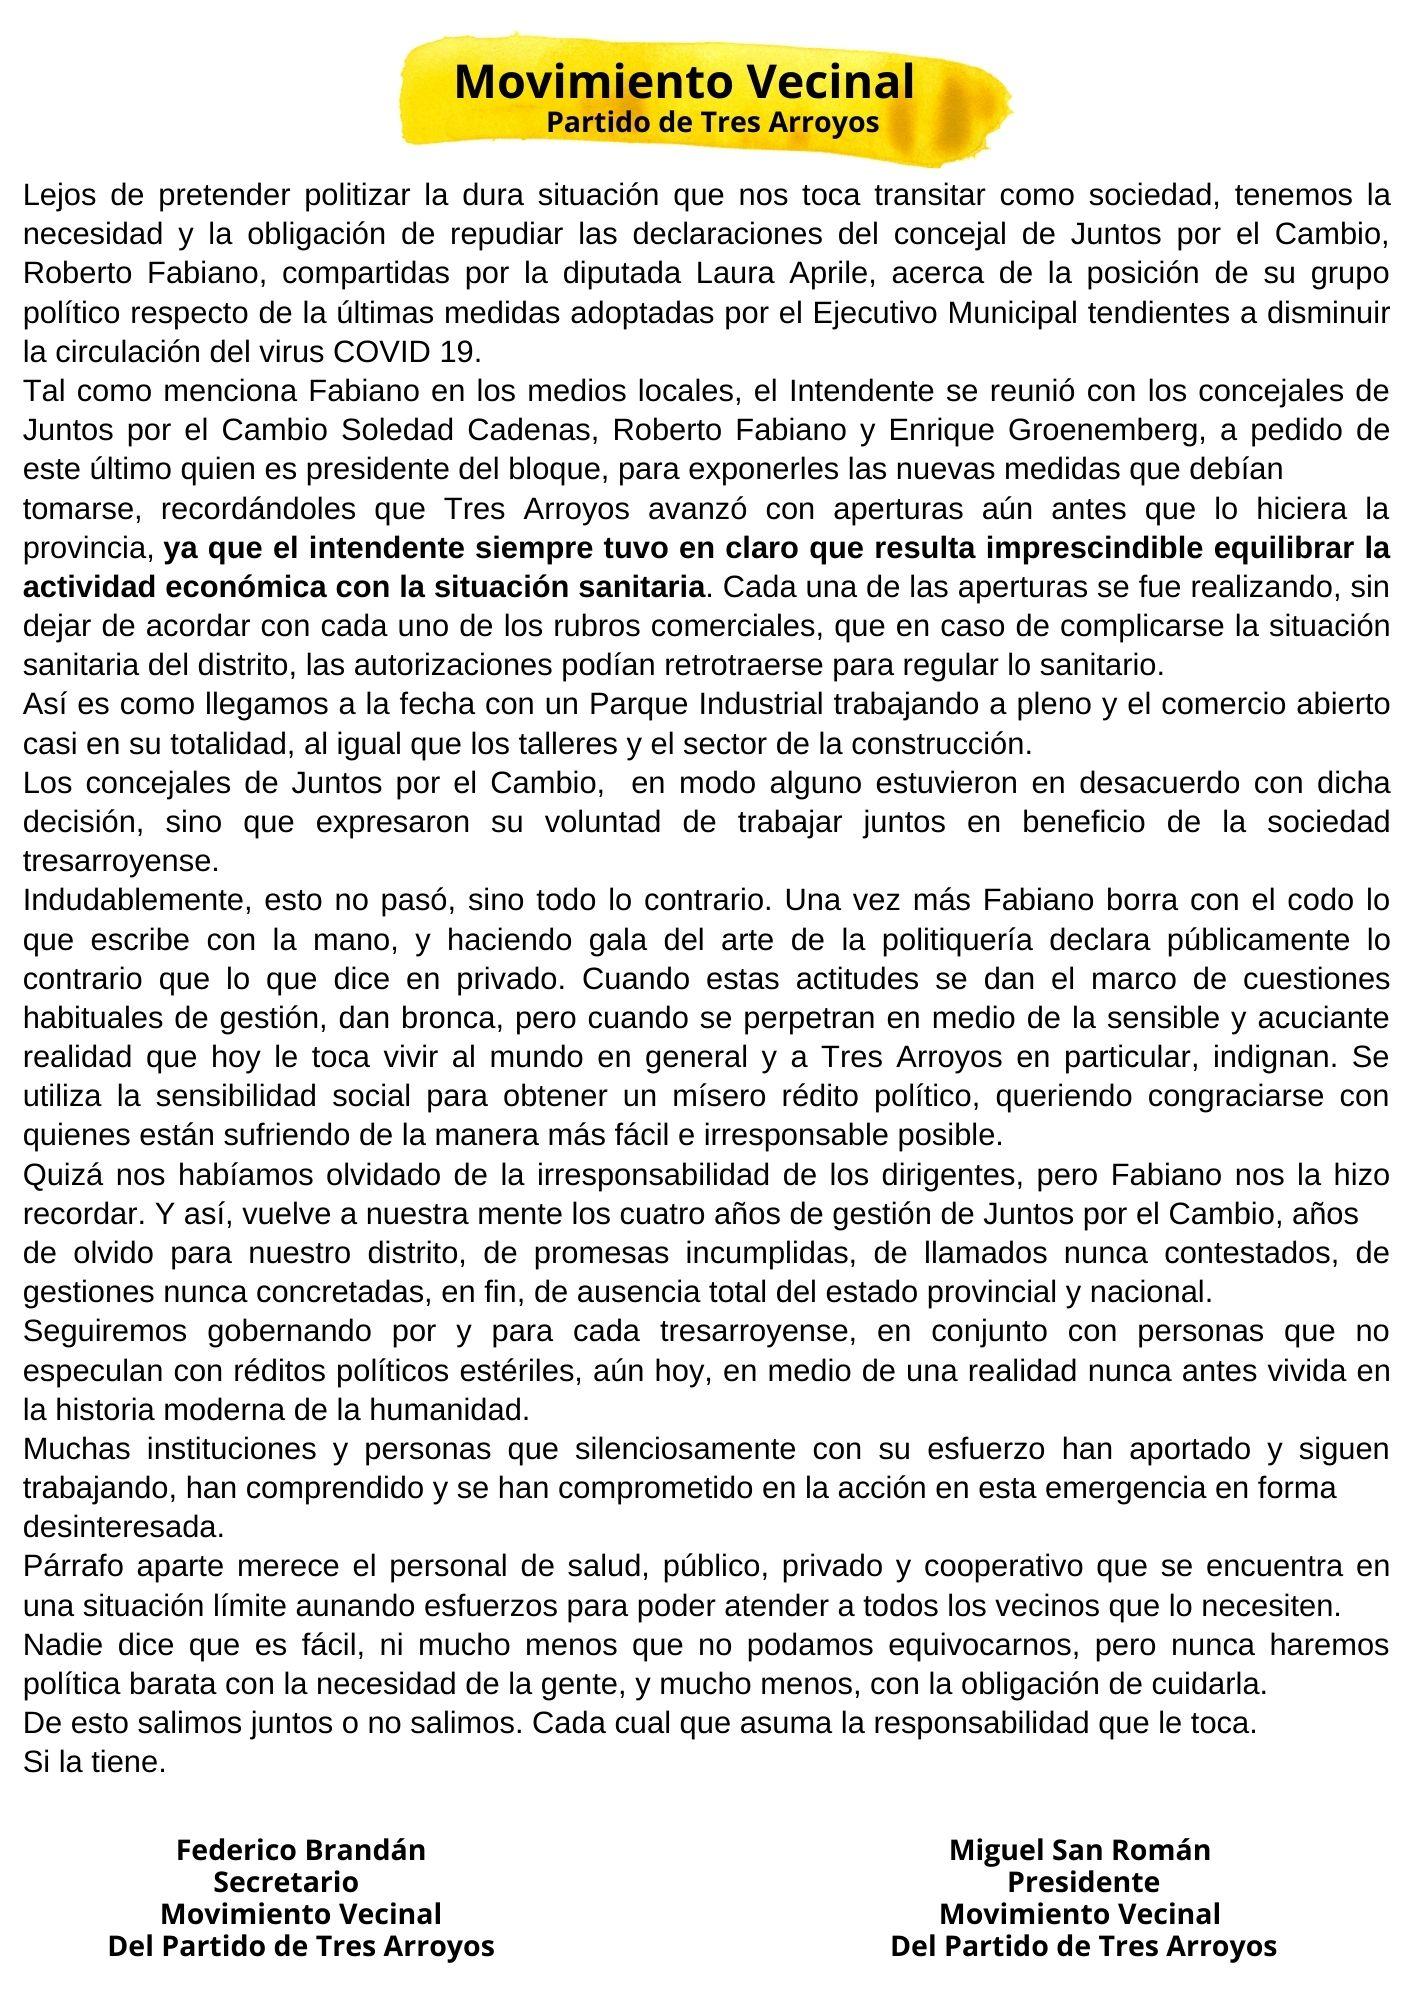 Duro el Movimiento Vecinal contra Laura Aprile y Fabiano